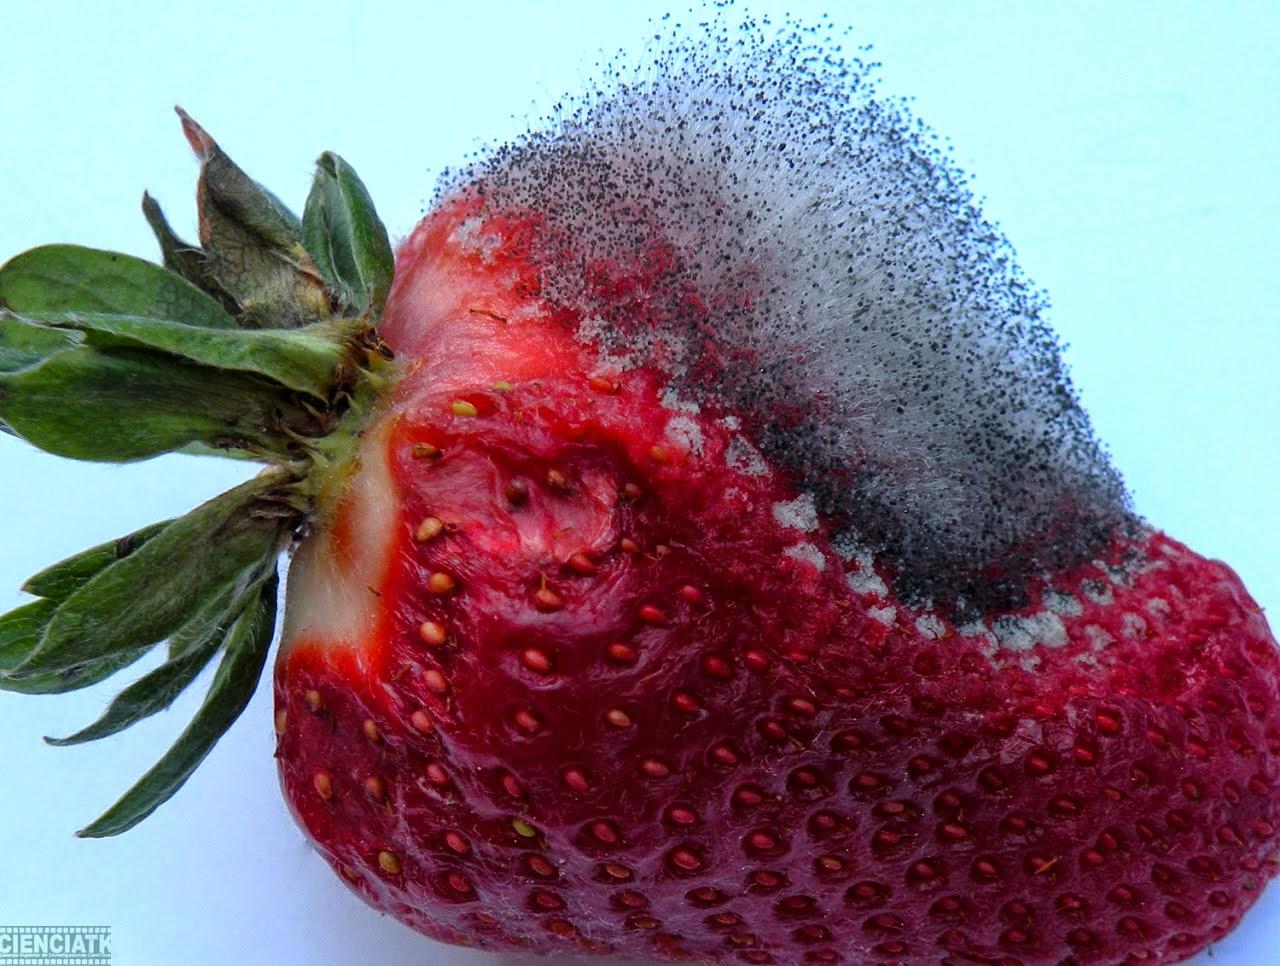 Blog de ciencias esporangios de moho en fresas - El moho es un hongo ...